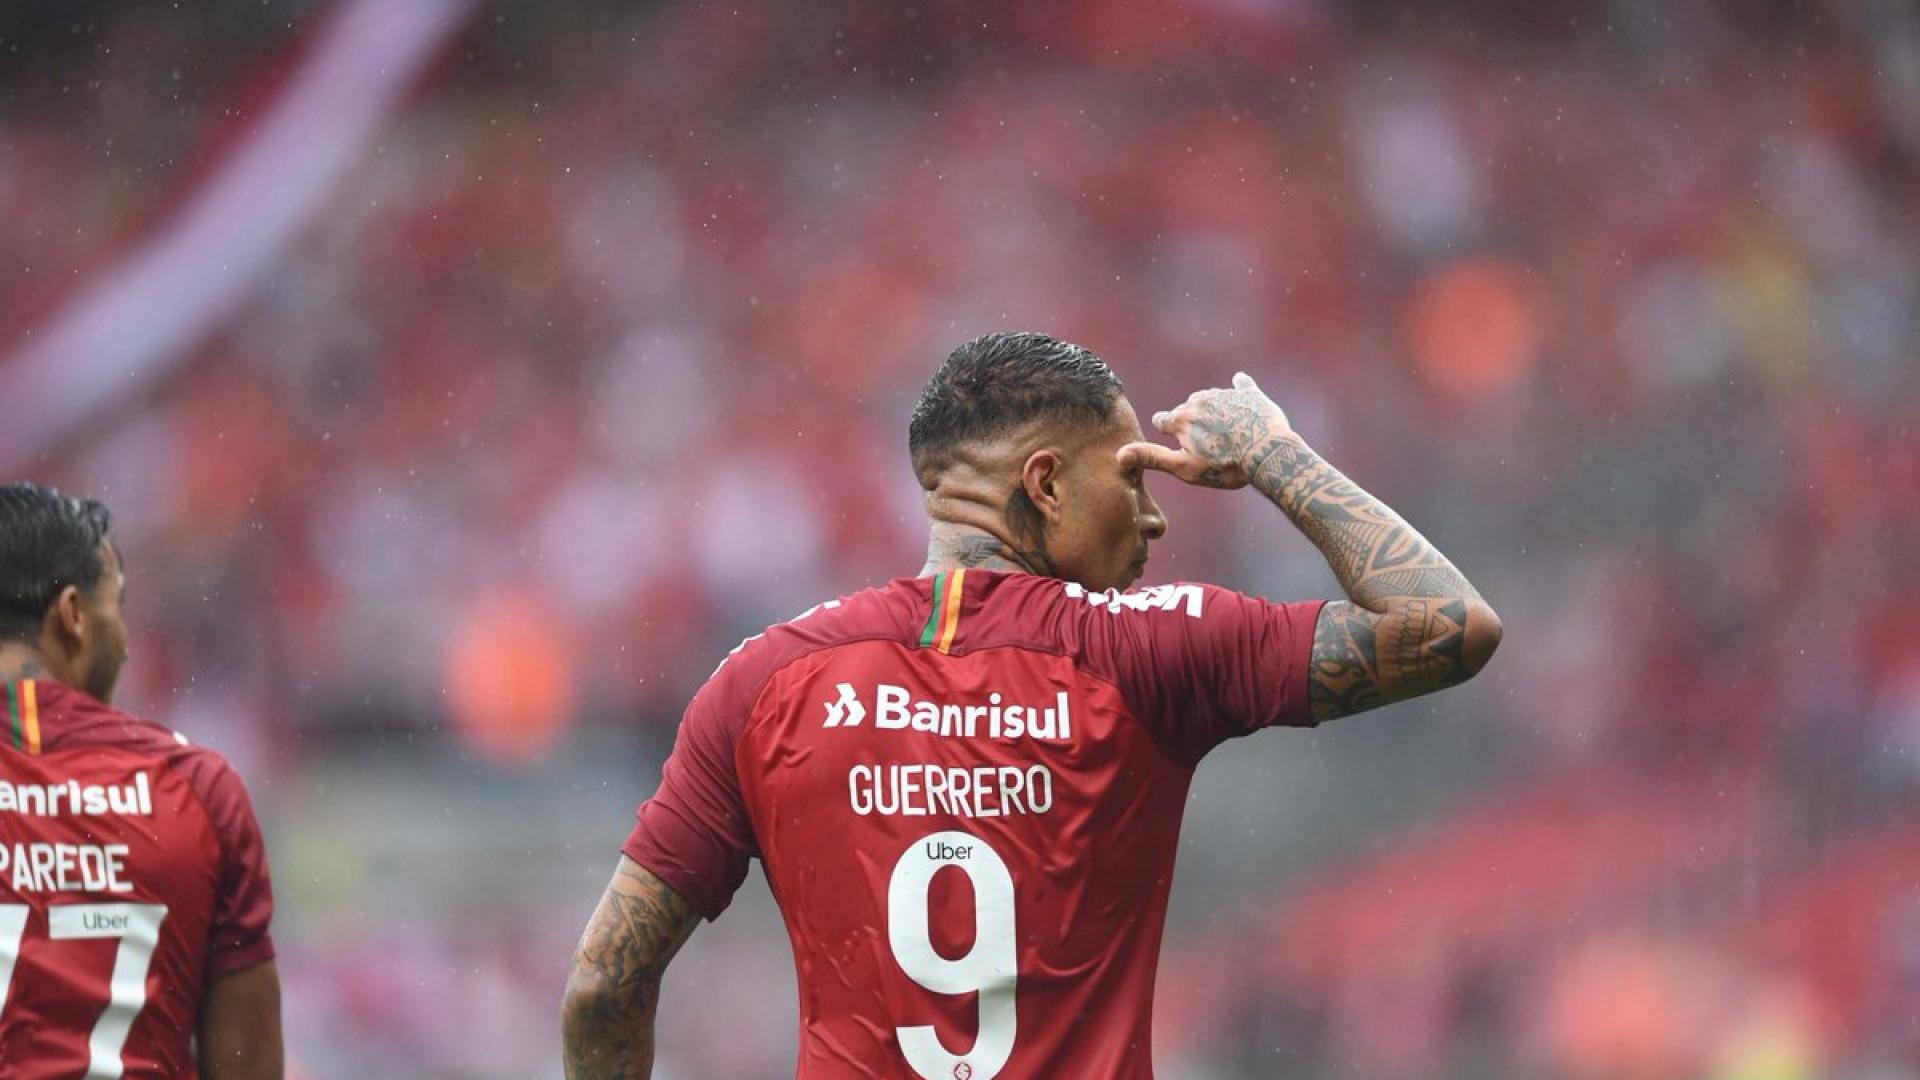 Sem marcar há 4 jogos, Guerrero reconhece dificuldades com nova função